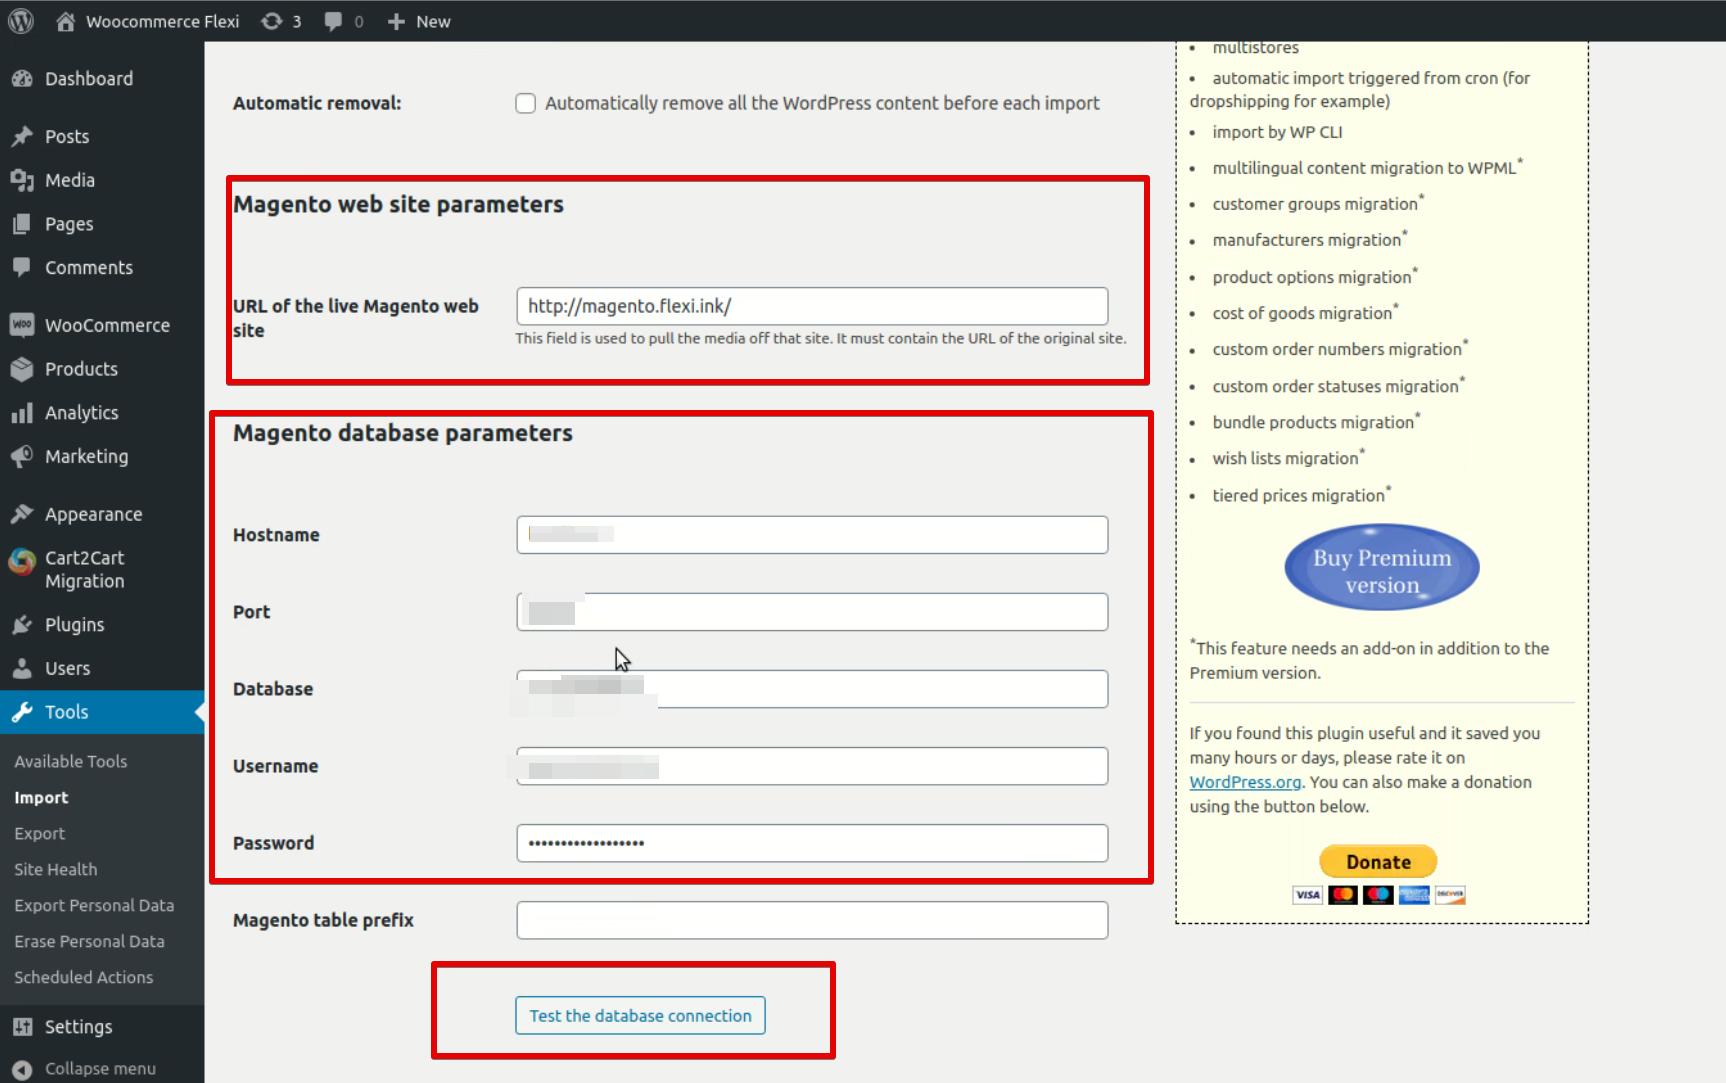 Magento web site parameters